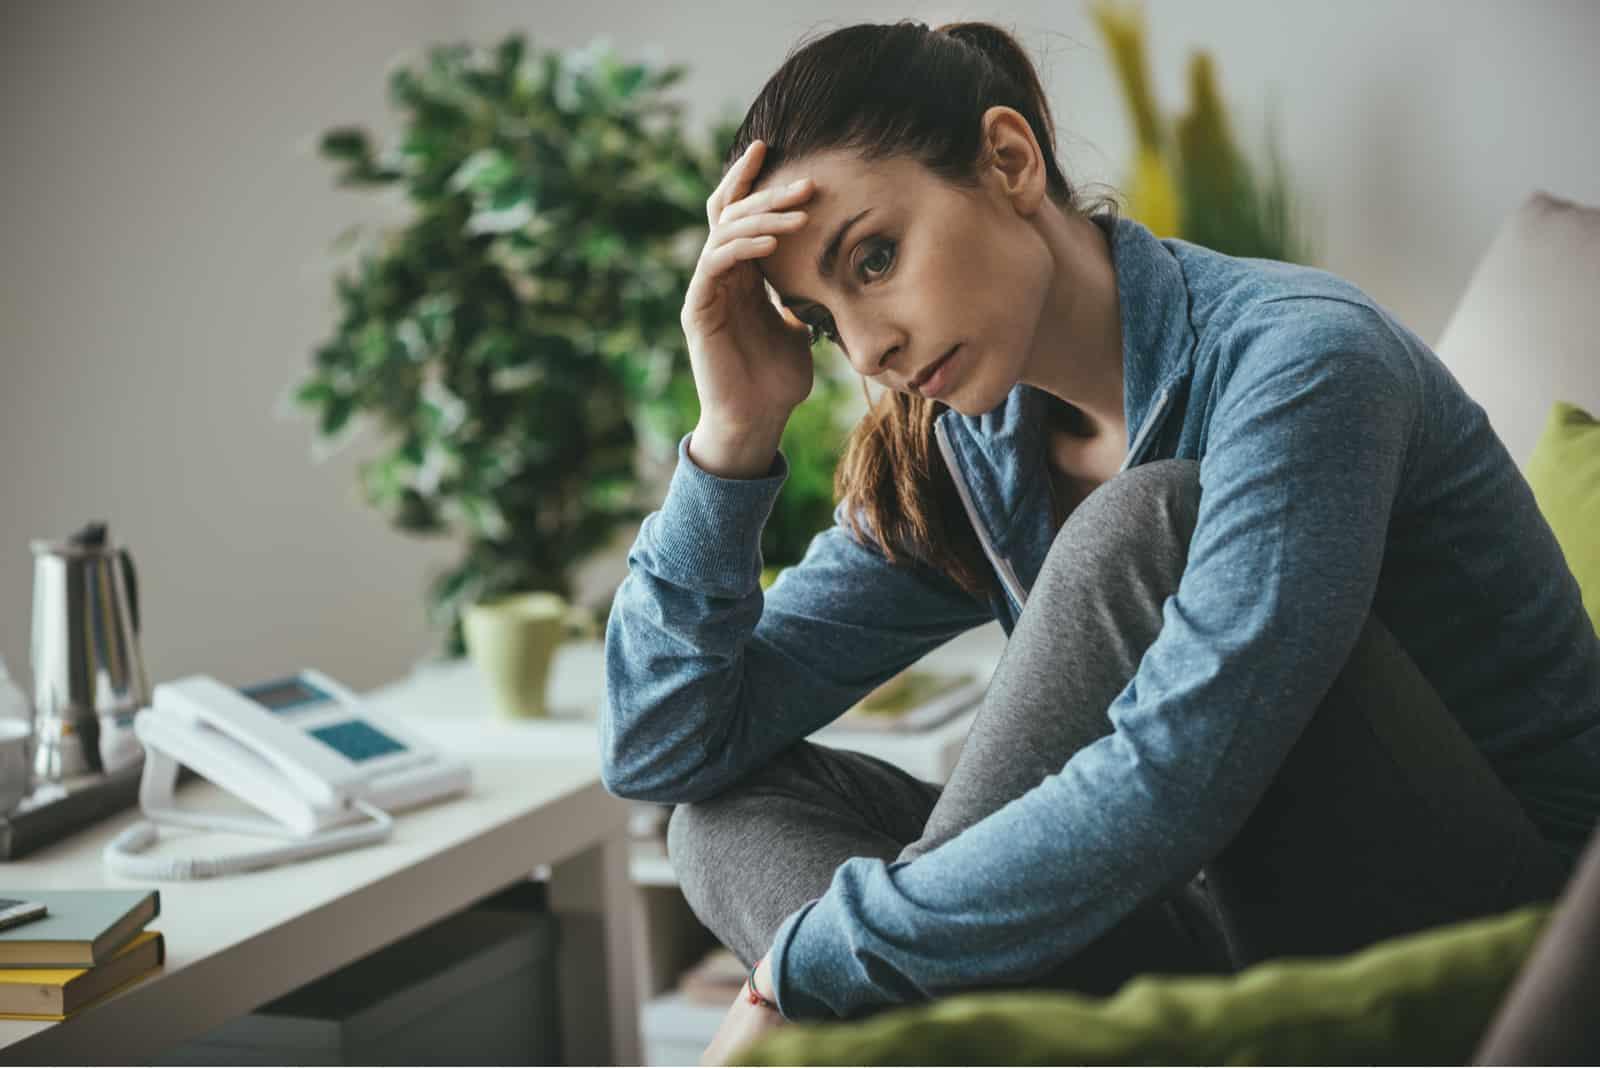 Femme déprimée triste à la maison assise sur le canapé